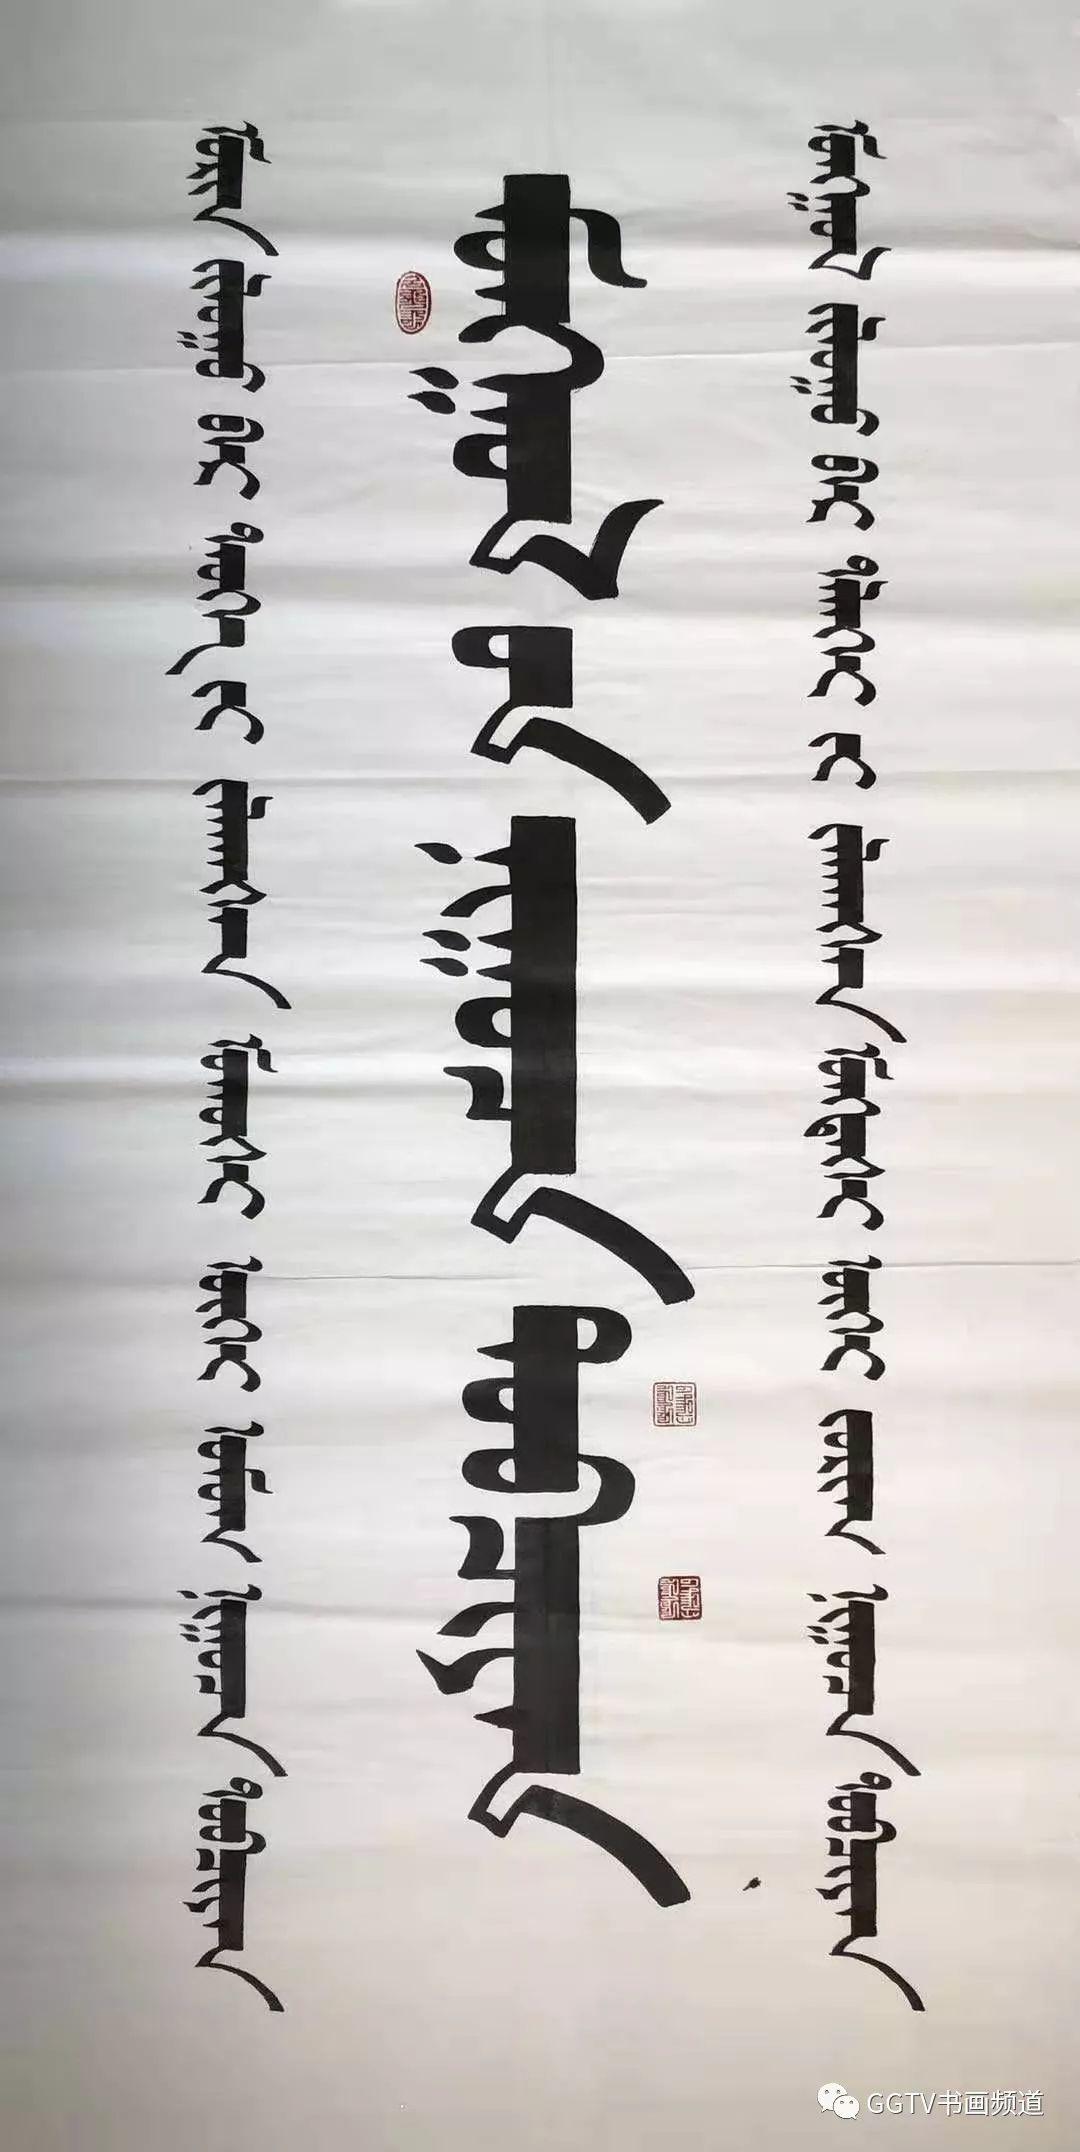 庆祝建国70周年全国优秀艺术家  —— 鲍好斯那拉作品展 第39张 庆祝建国70周年全国优秀艺术家   ——  鲍好斯那拉作品展 蒙古书法